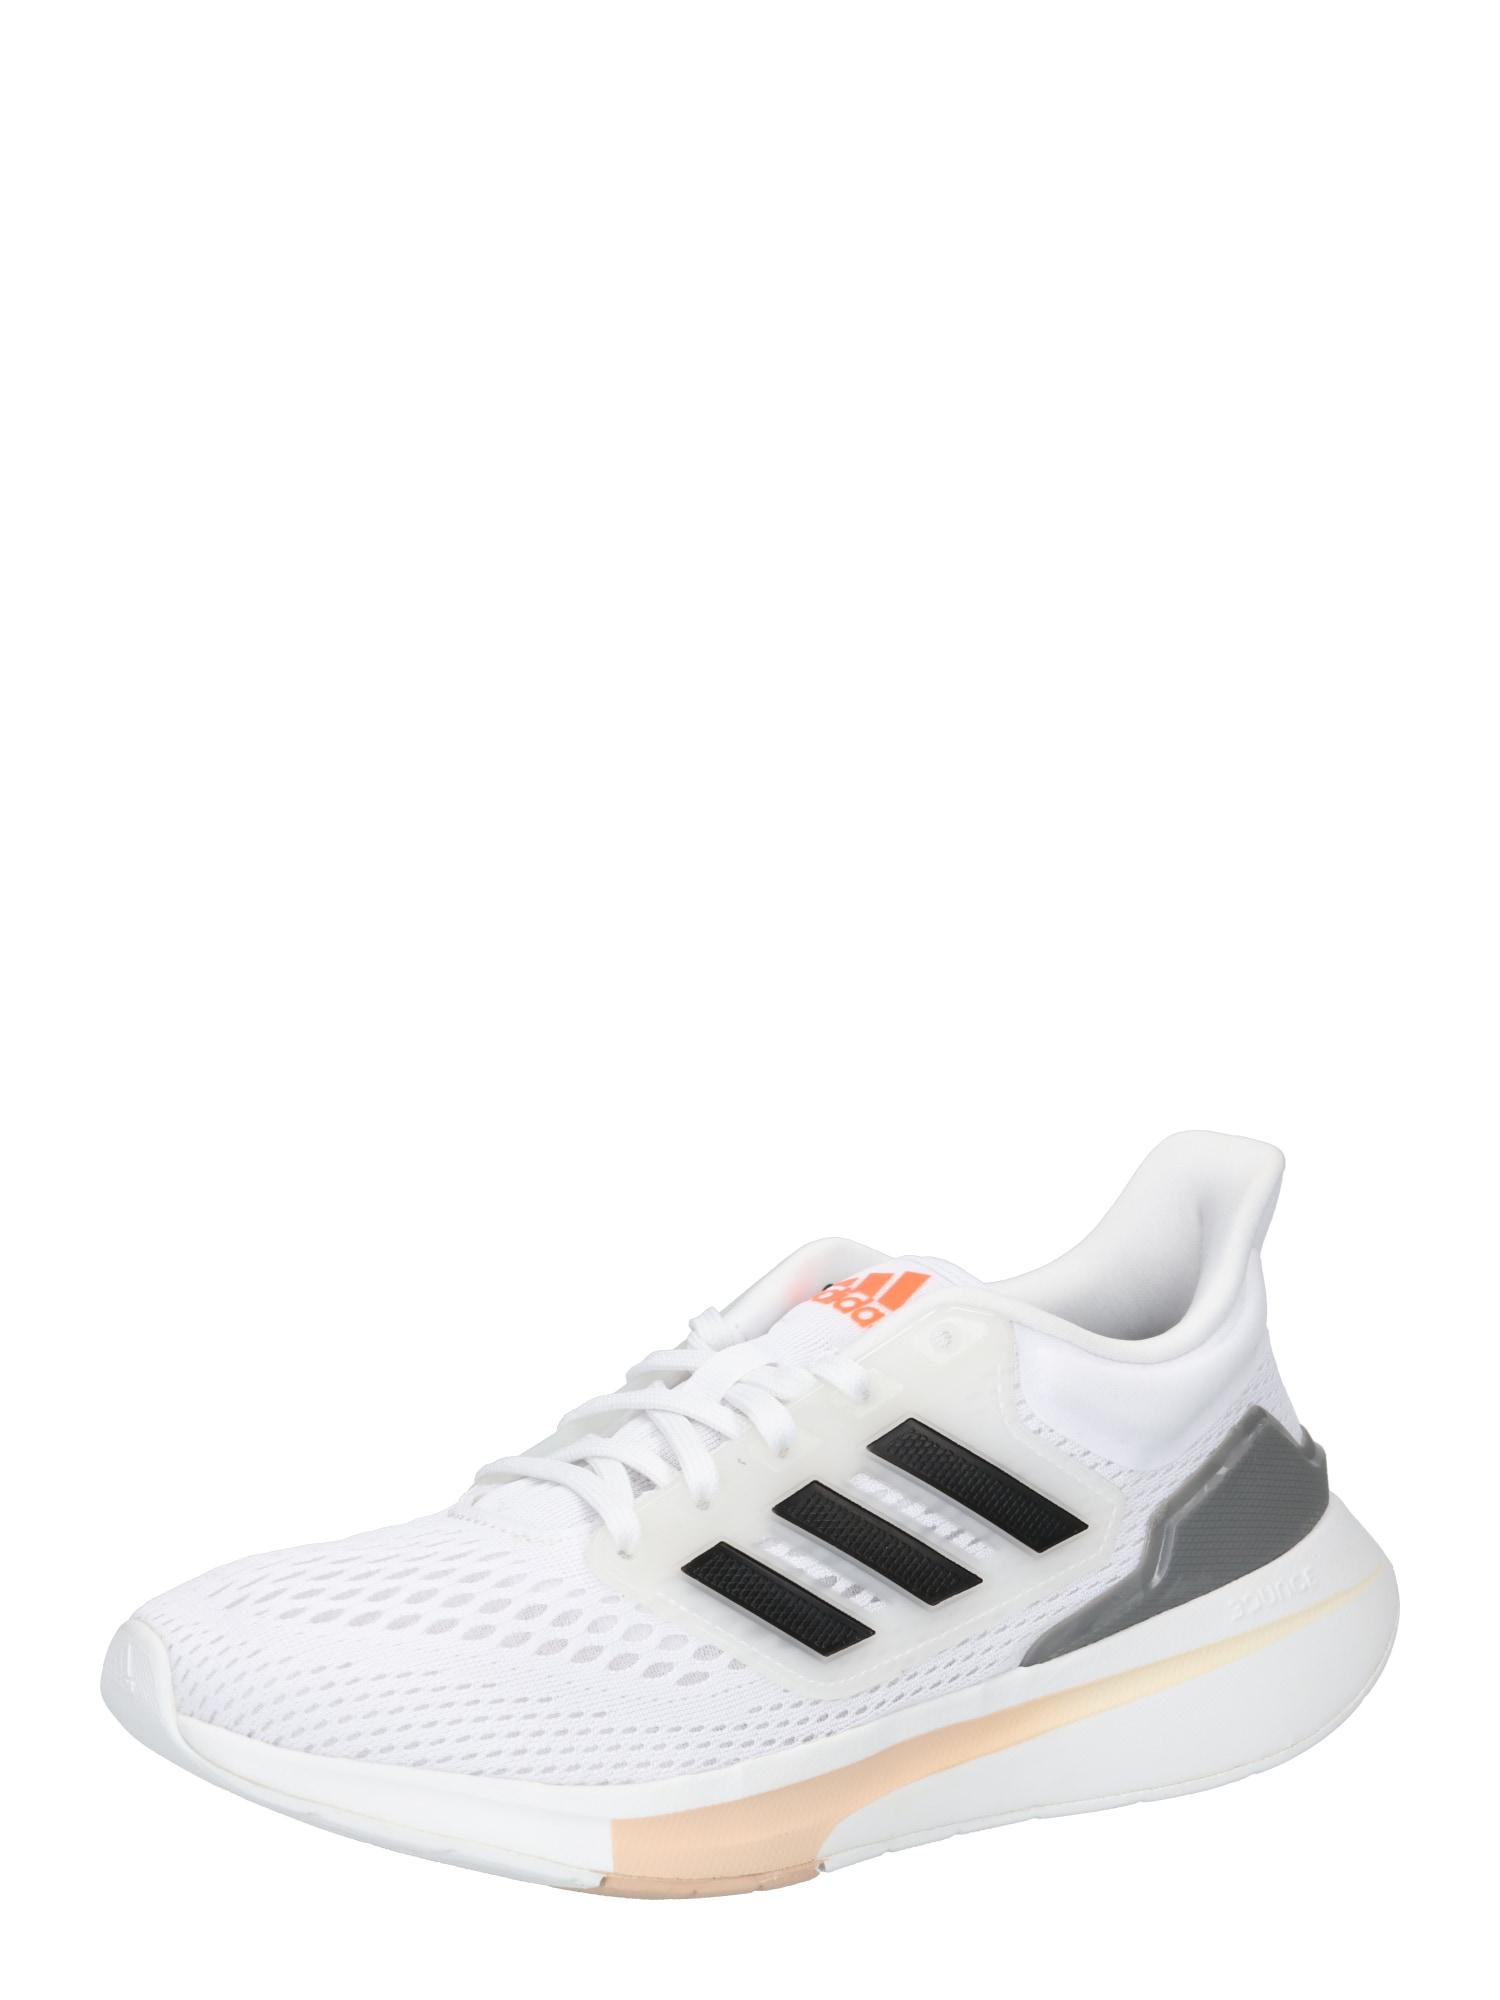 ADIDAS PERFORMANCE Bėgimo batai balta / tamsiai pilka / juoda / oranžinė